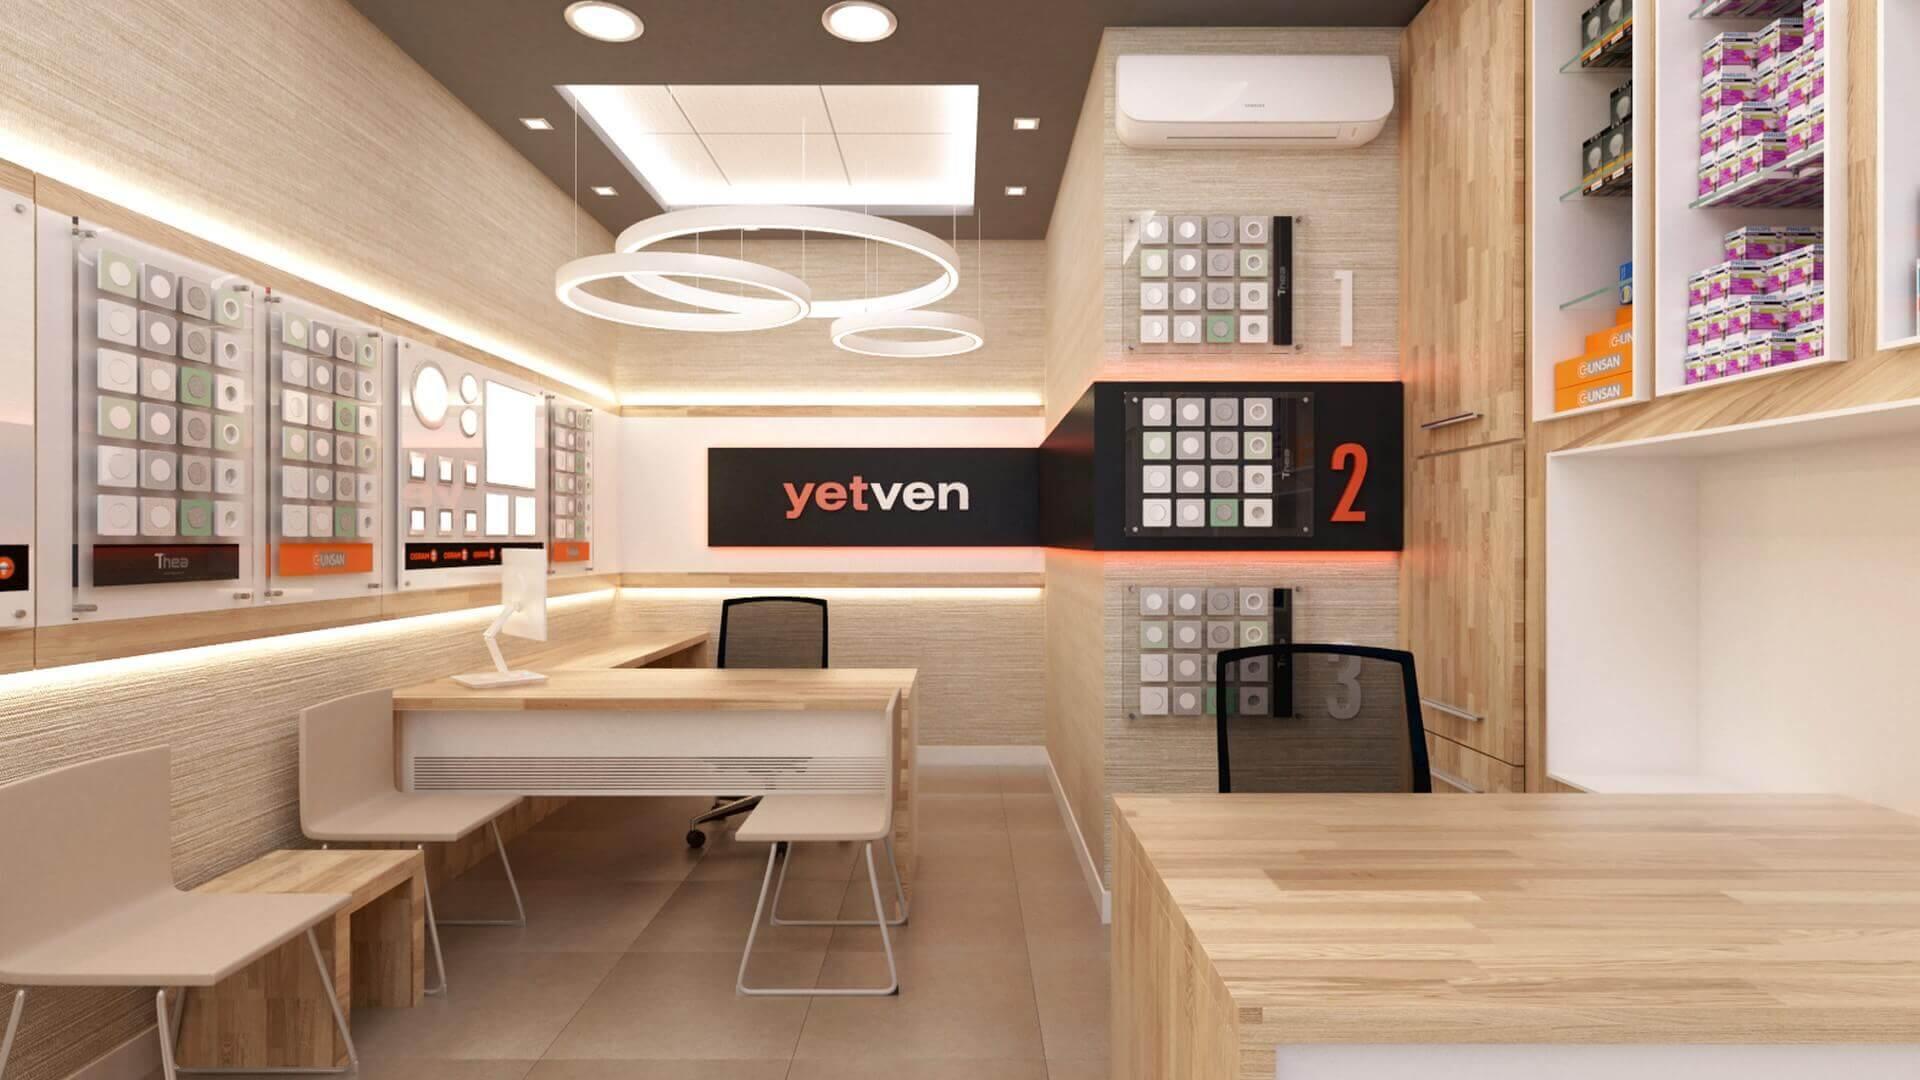 dükkan tasarımı 2034 Yetven Elektrik / Ulus Perakende